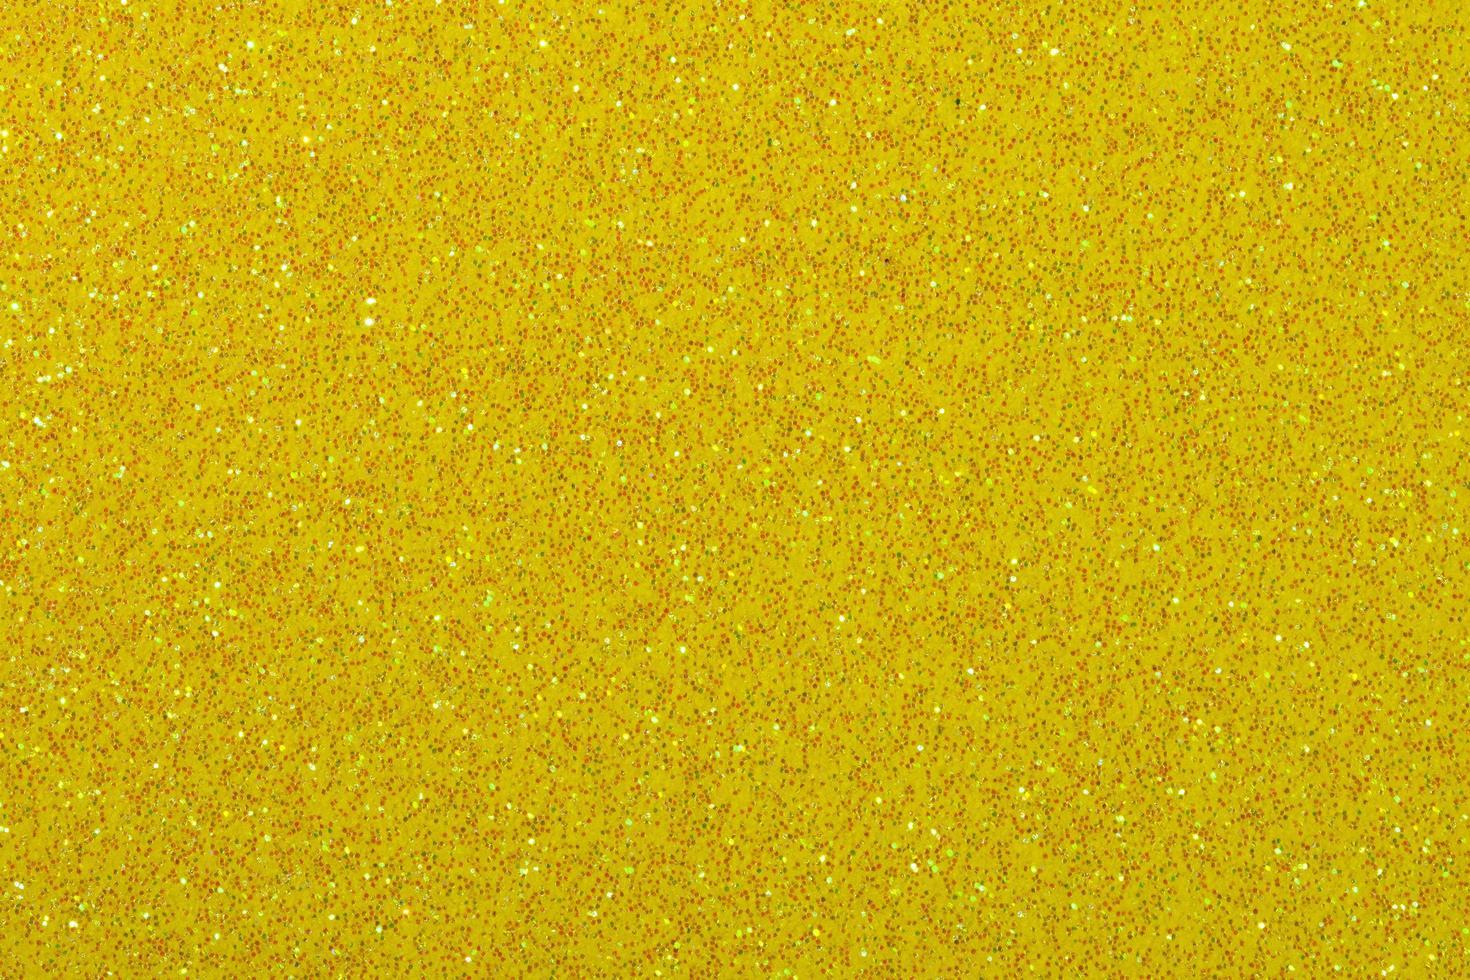 sfondo di carta glitter giallo scuro foto